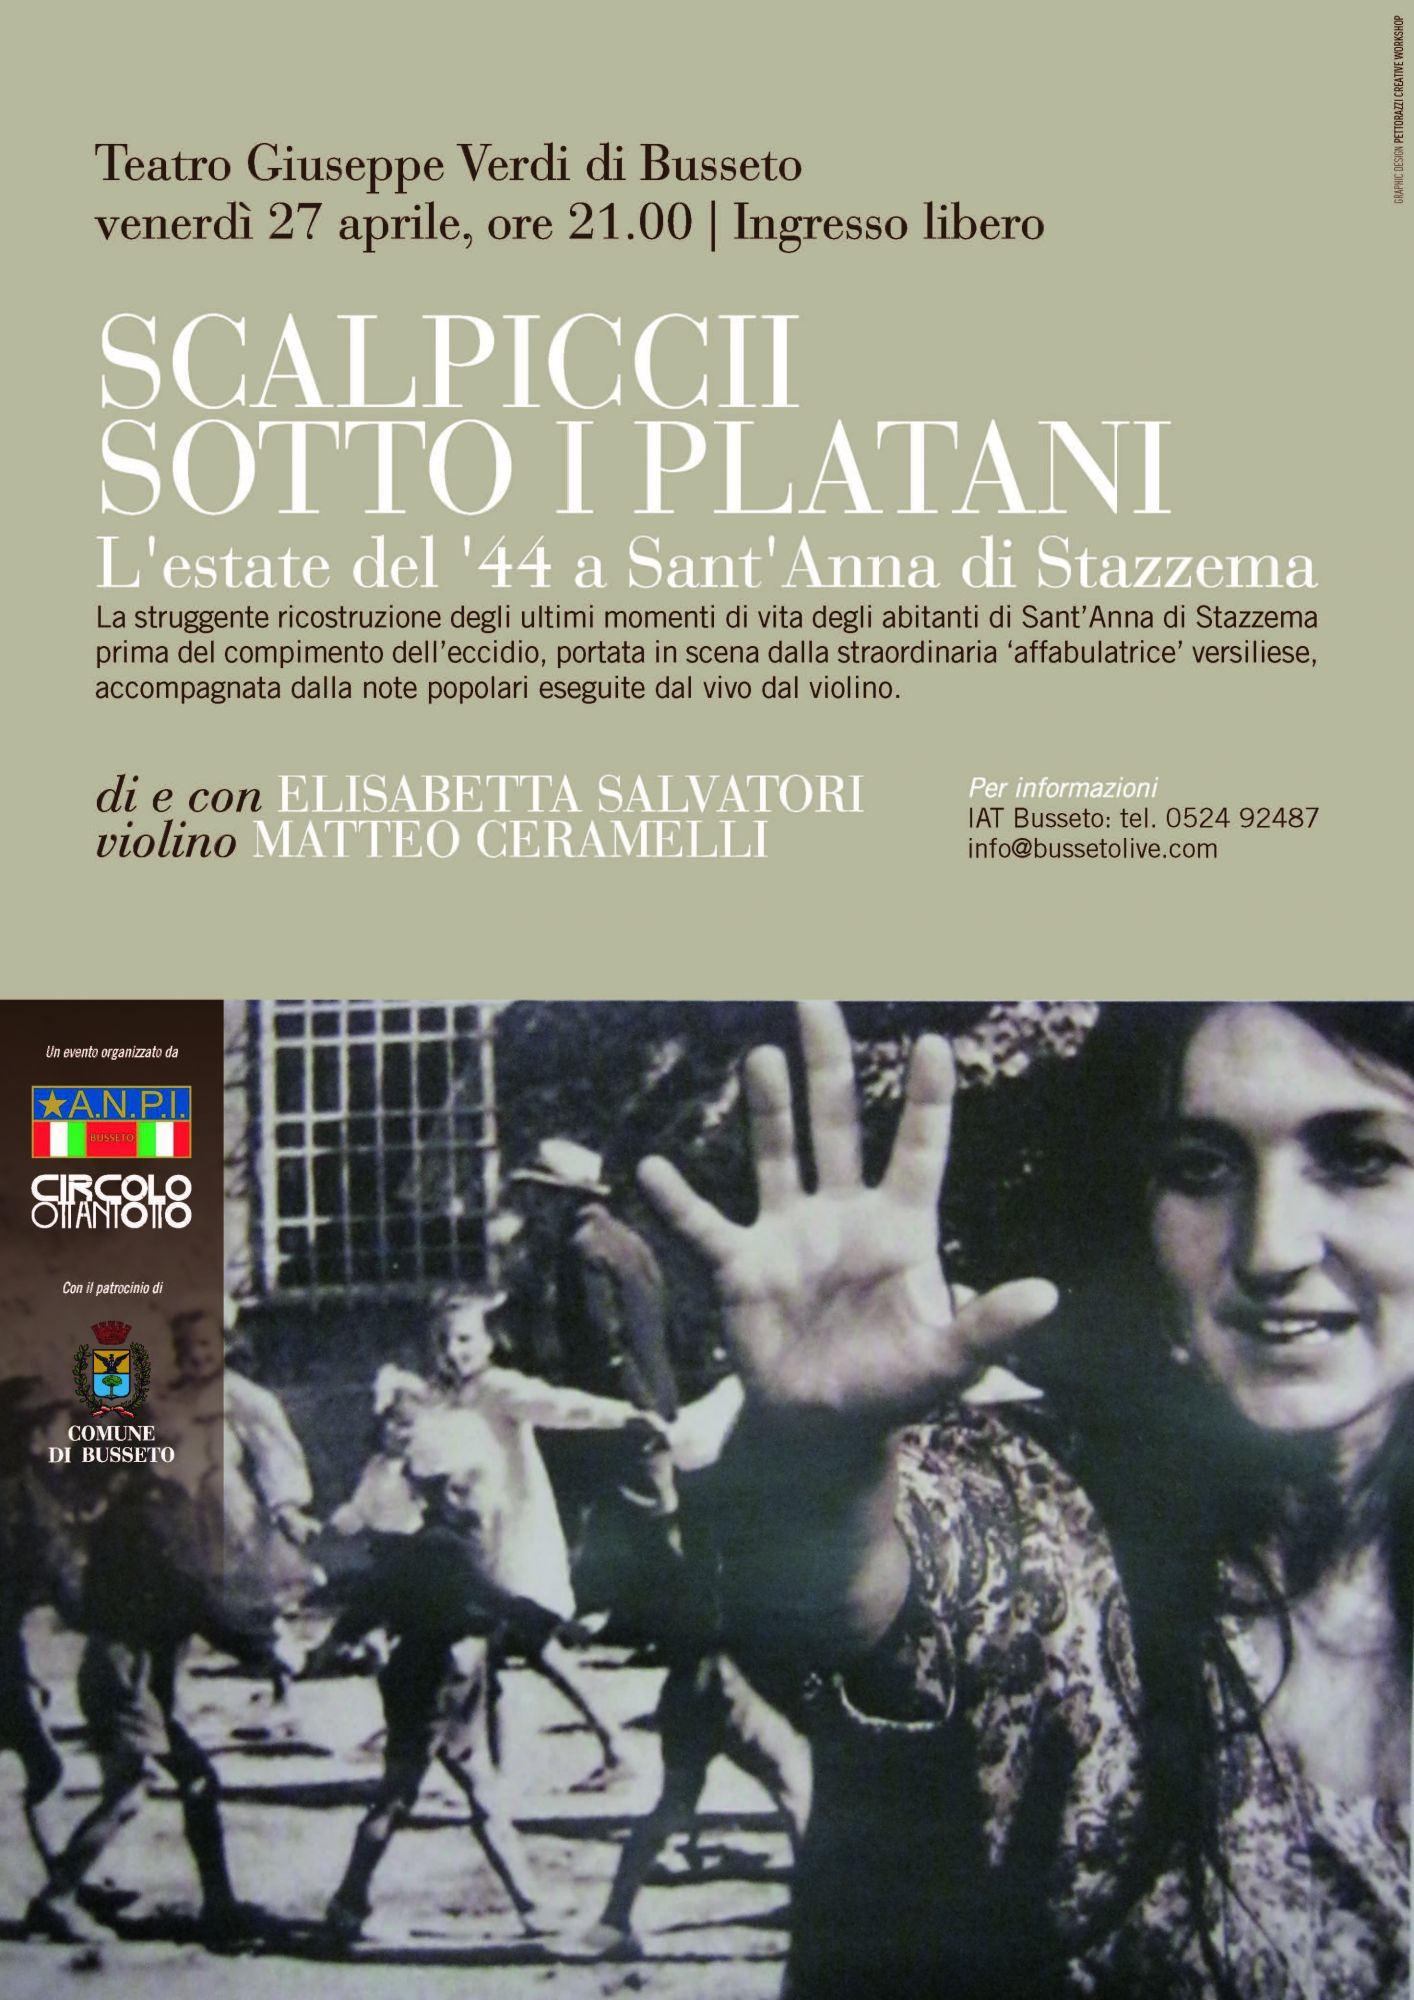 Elisabetta Salvatori in trasferta a Parma e ad Ancona e nel salotto di Forte dei Marmi